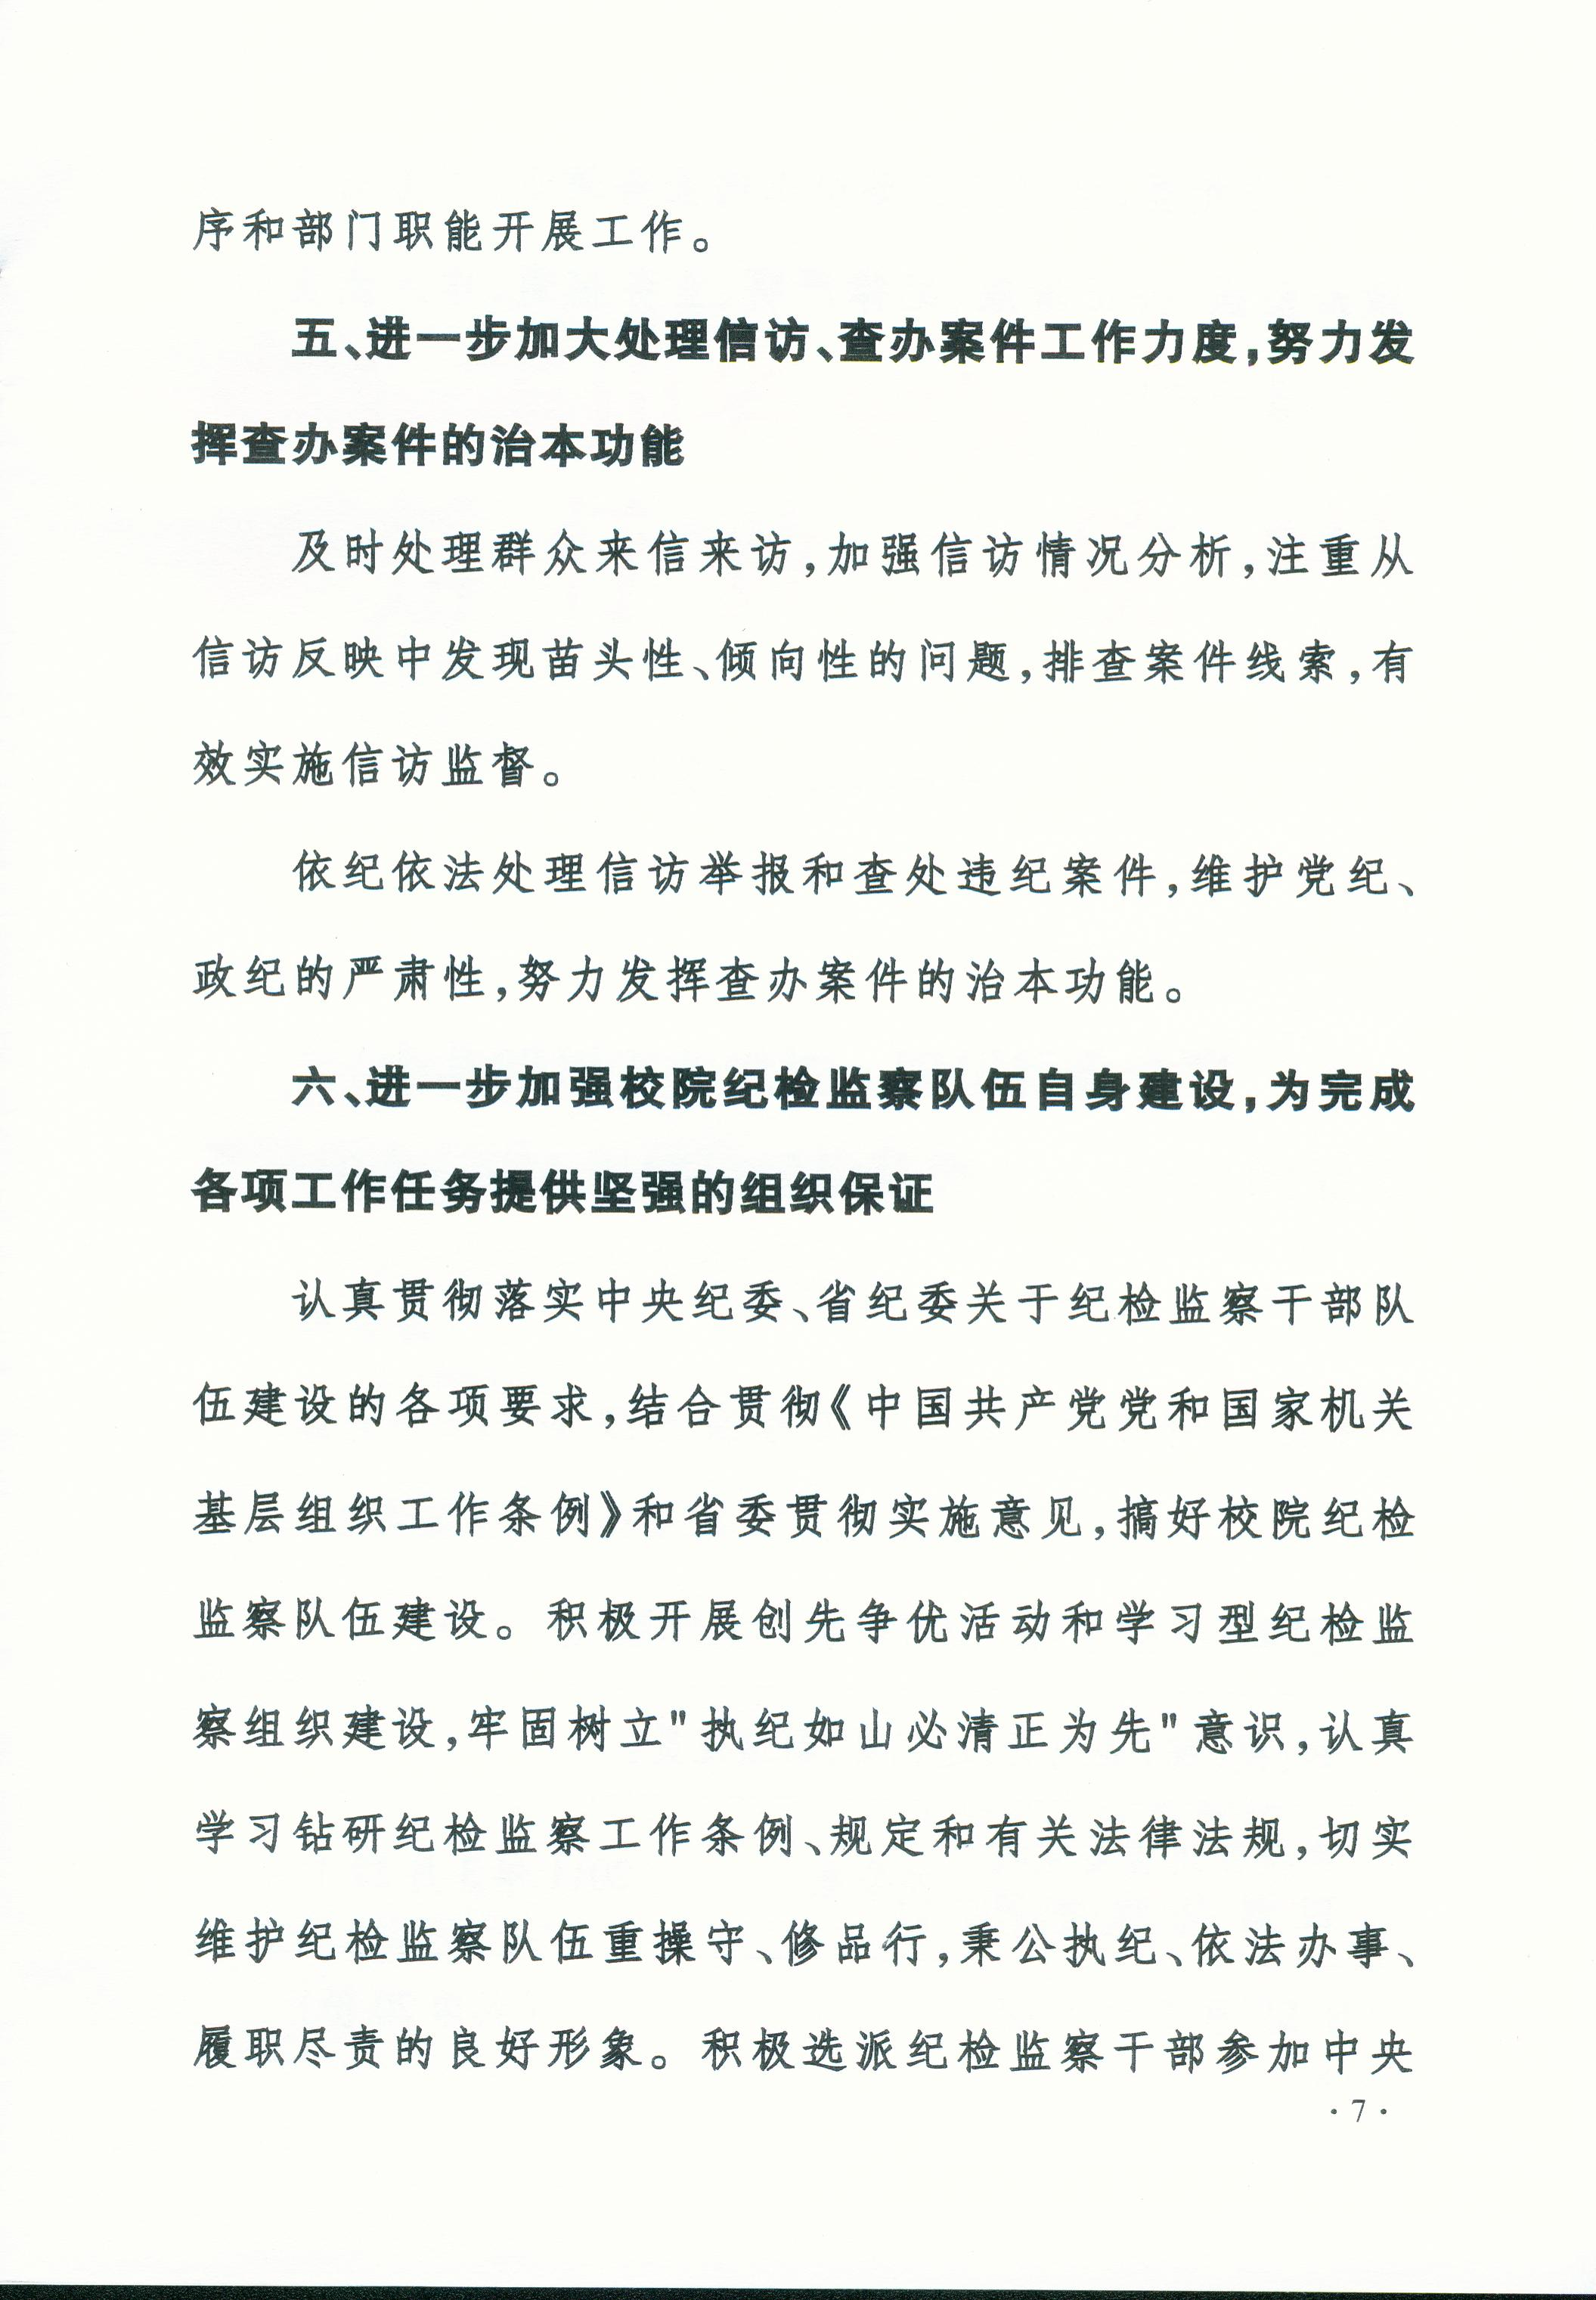 小说:二嫁负心总裁最新章节 ; 车尔尼《钢琴手指灵巧初步练习 车尔尼